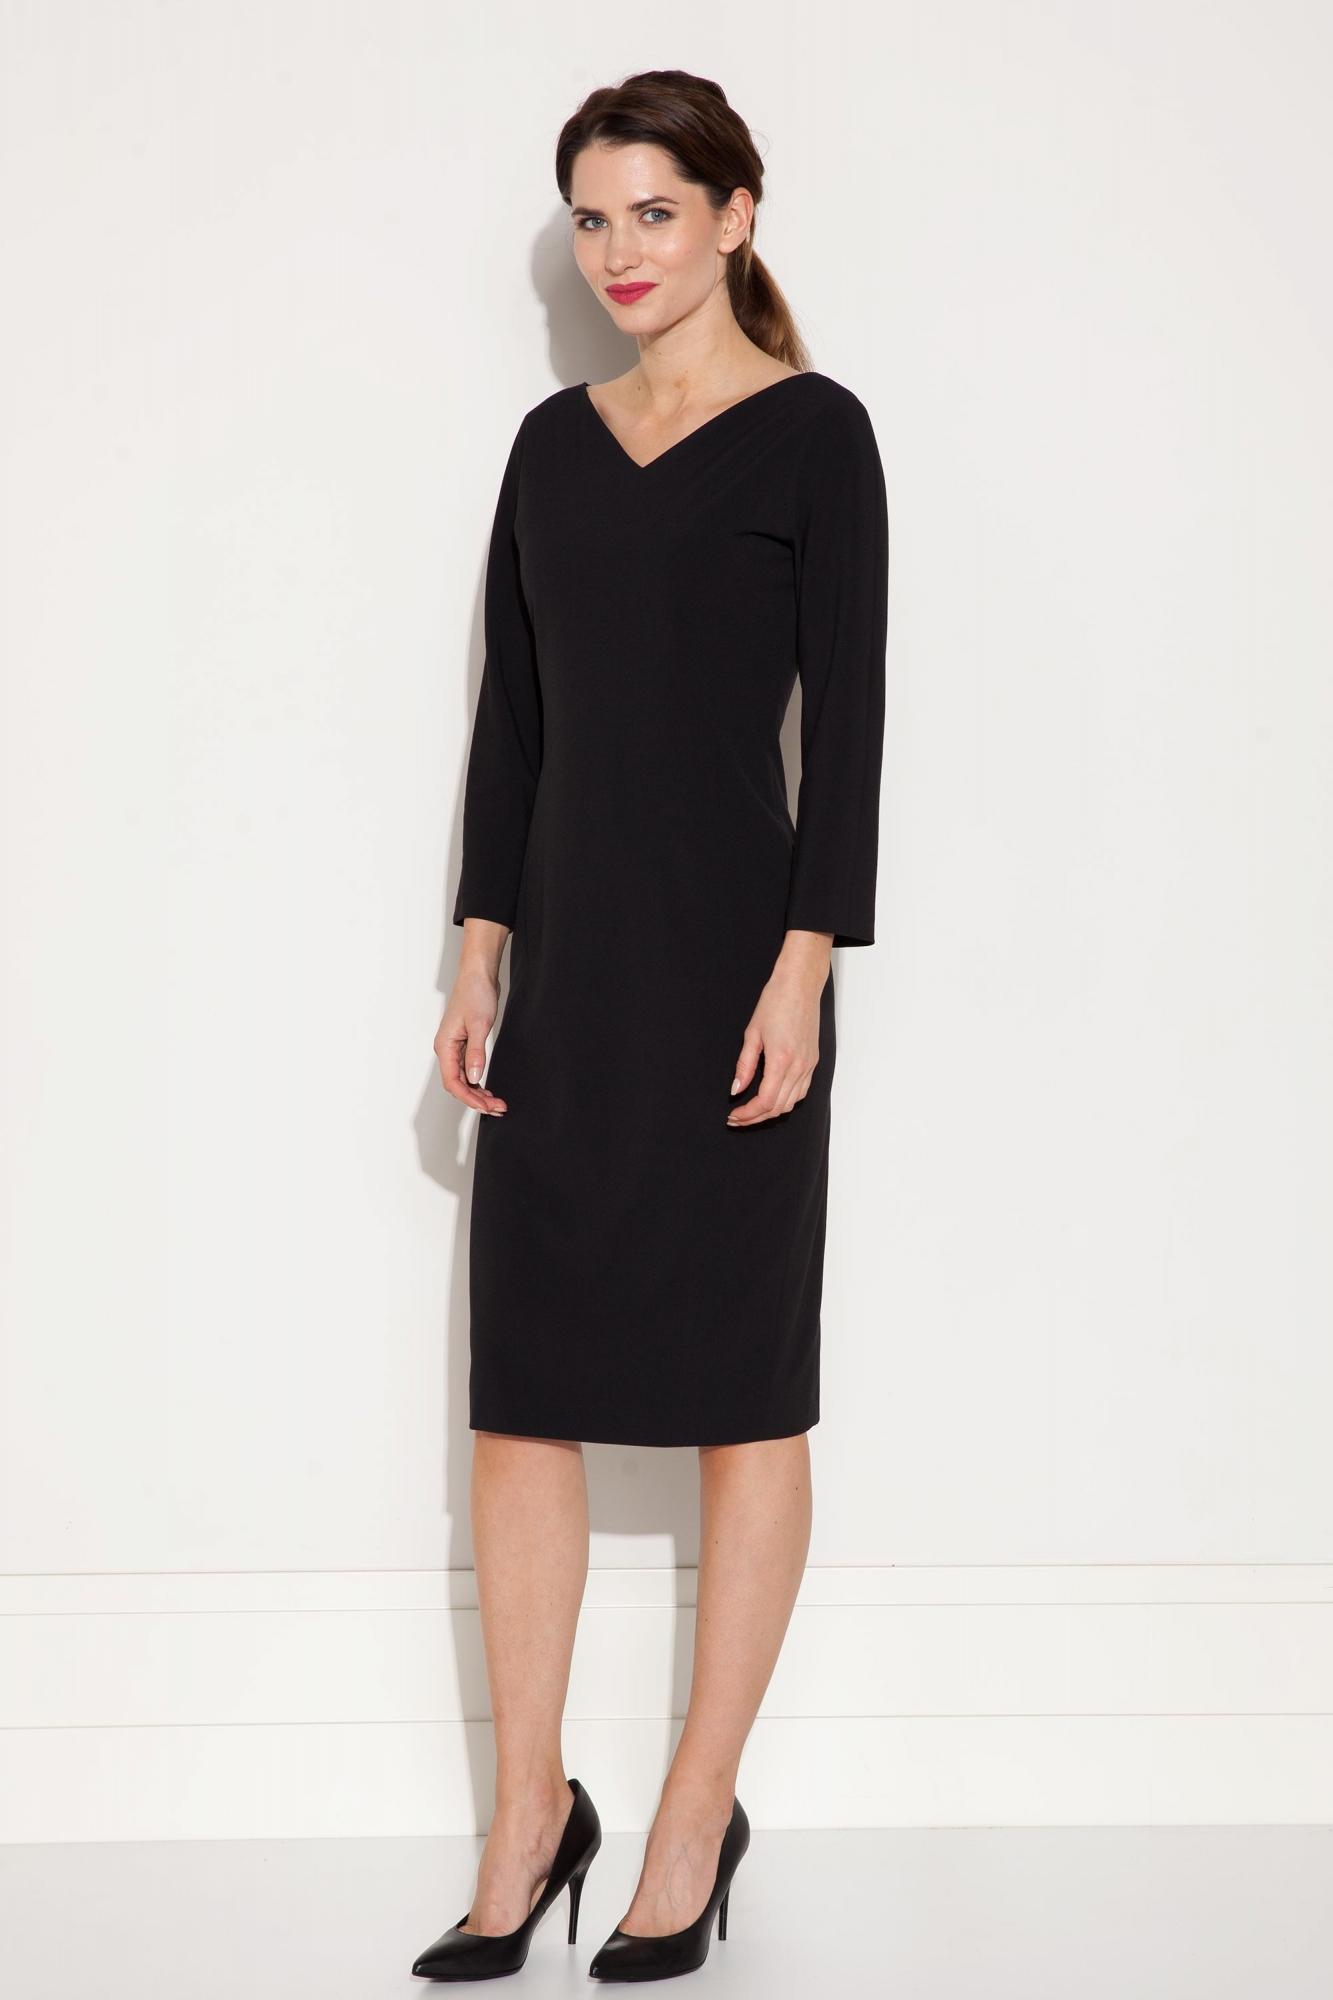 a51fecd6f Elegancka sukienka ołówkowa z rękawem 3/4 - Beata Cupriak e-sklep